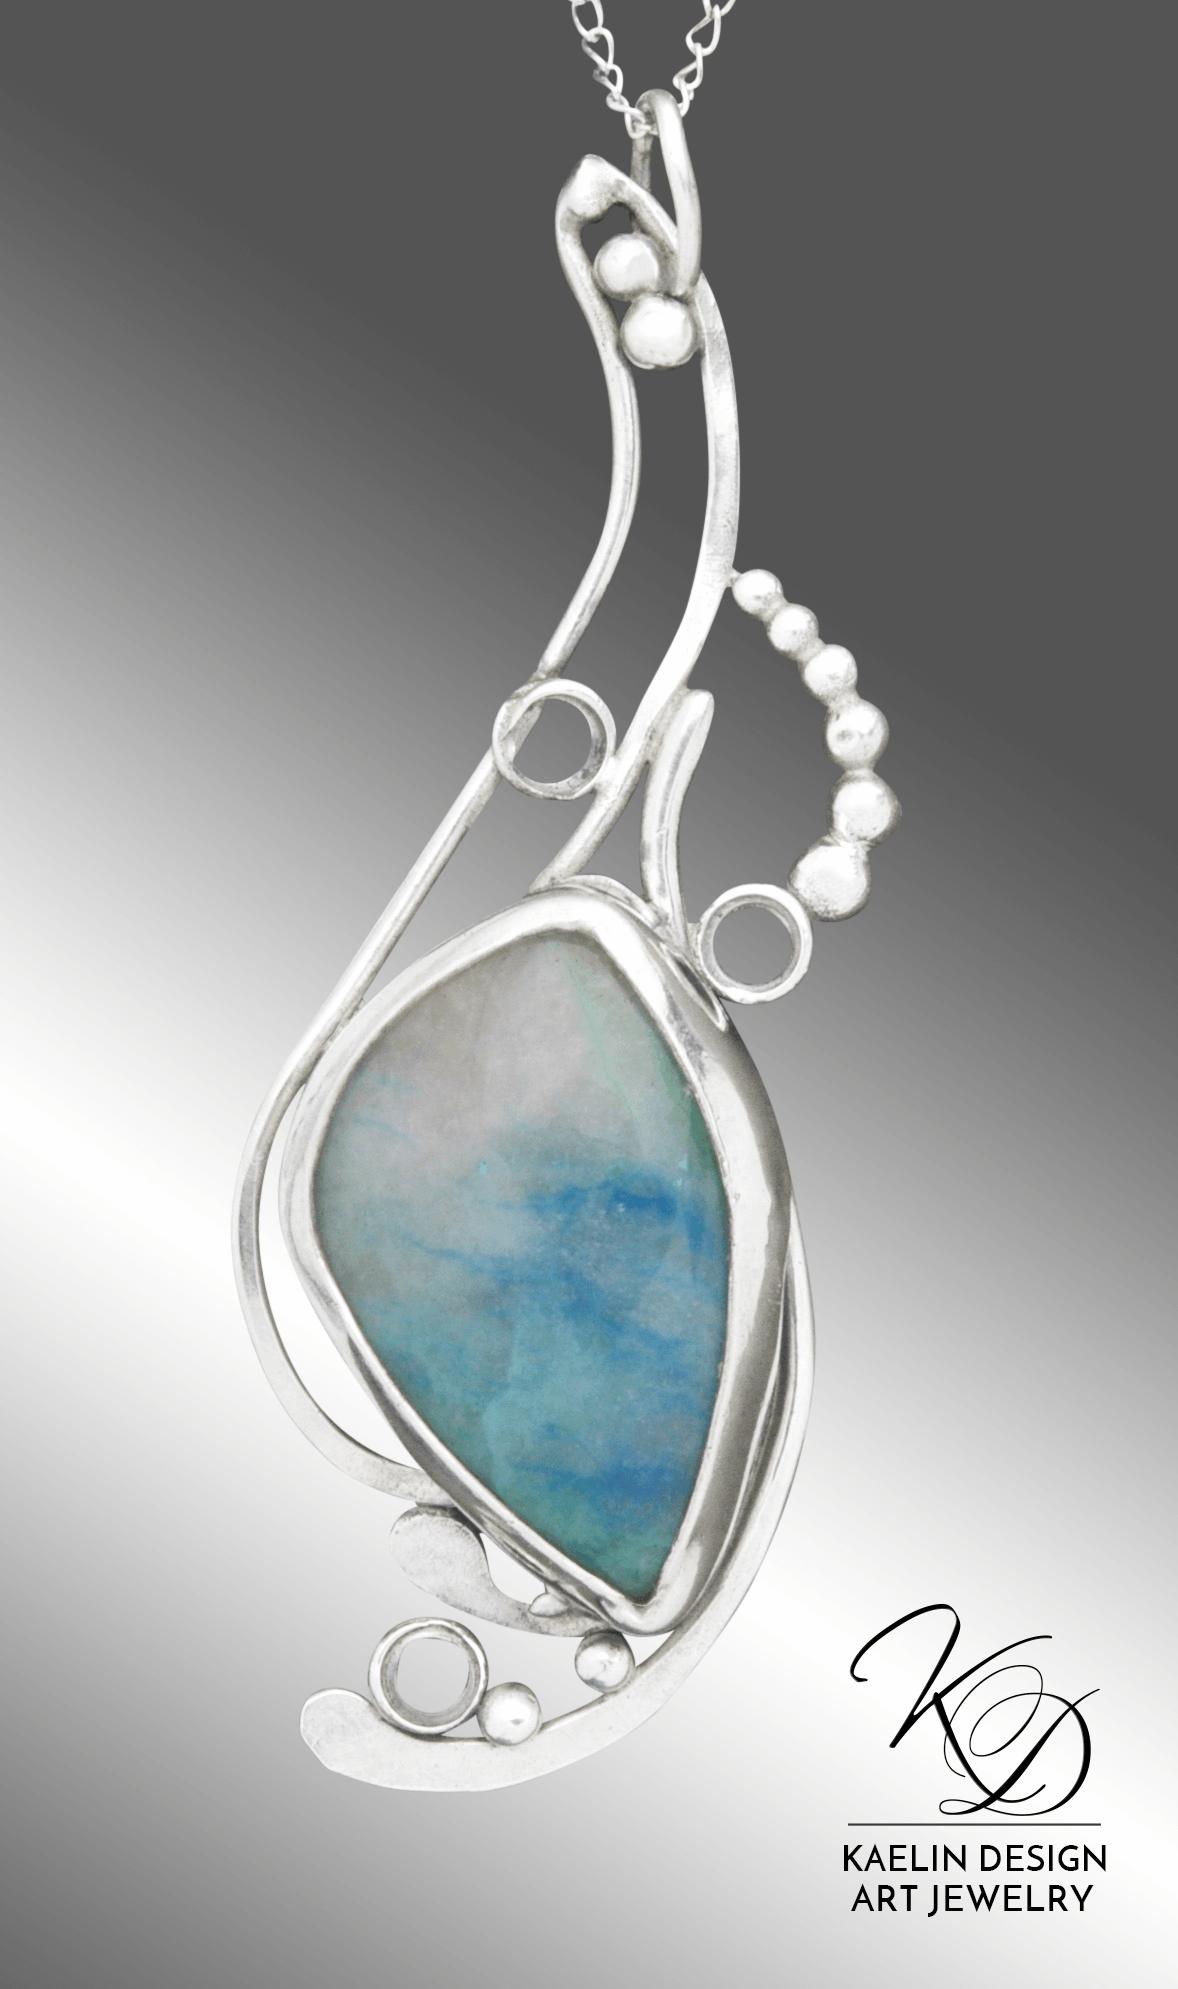 Spindrift Chrysocolla Fine Art Pendant by Kaelin Design